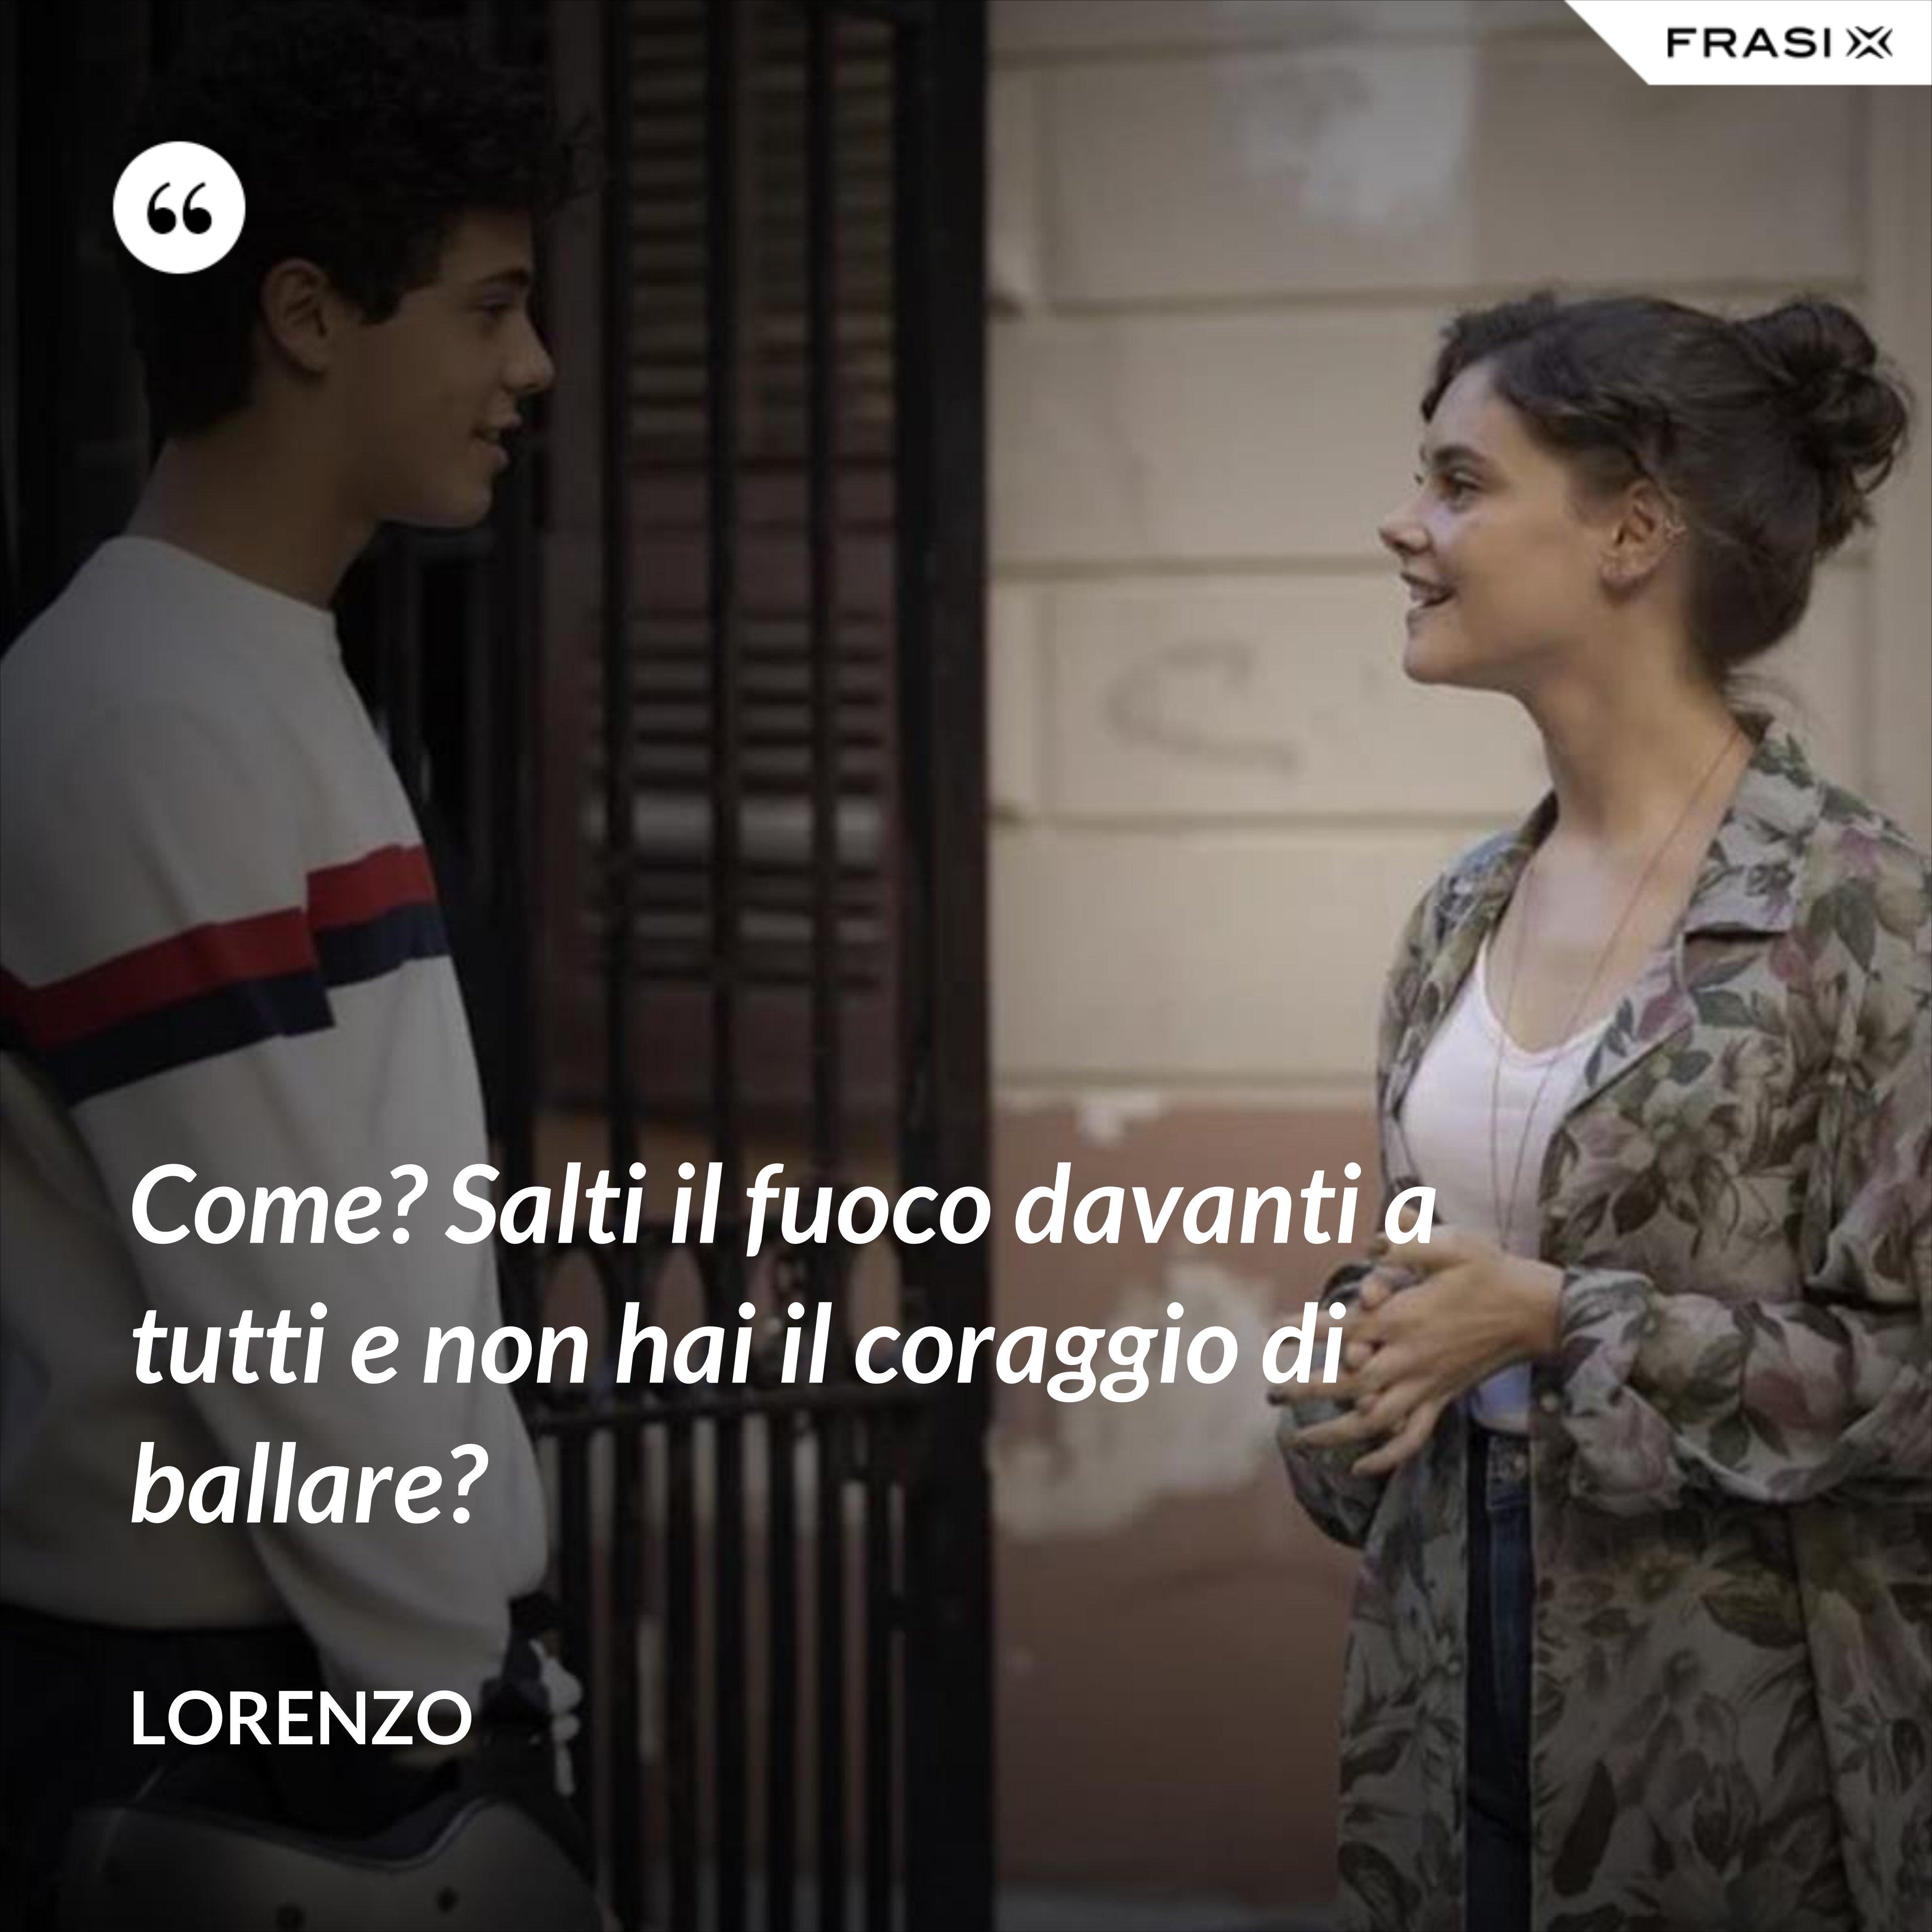 Come? Salti il fuoco davanti a tutti e non hai il coraggio di ballare? - Lorenzo